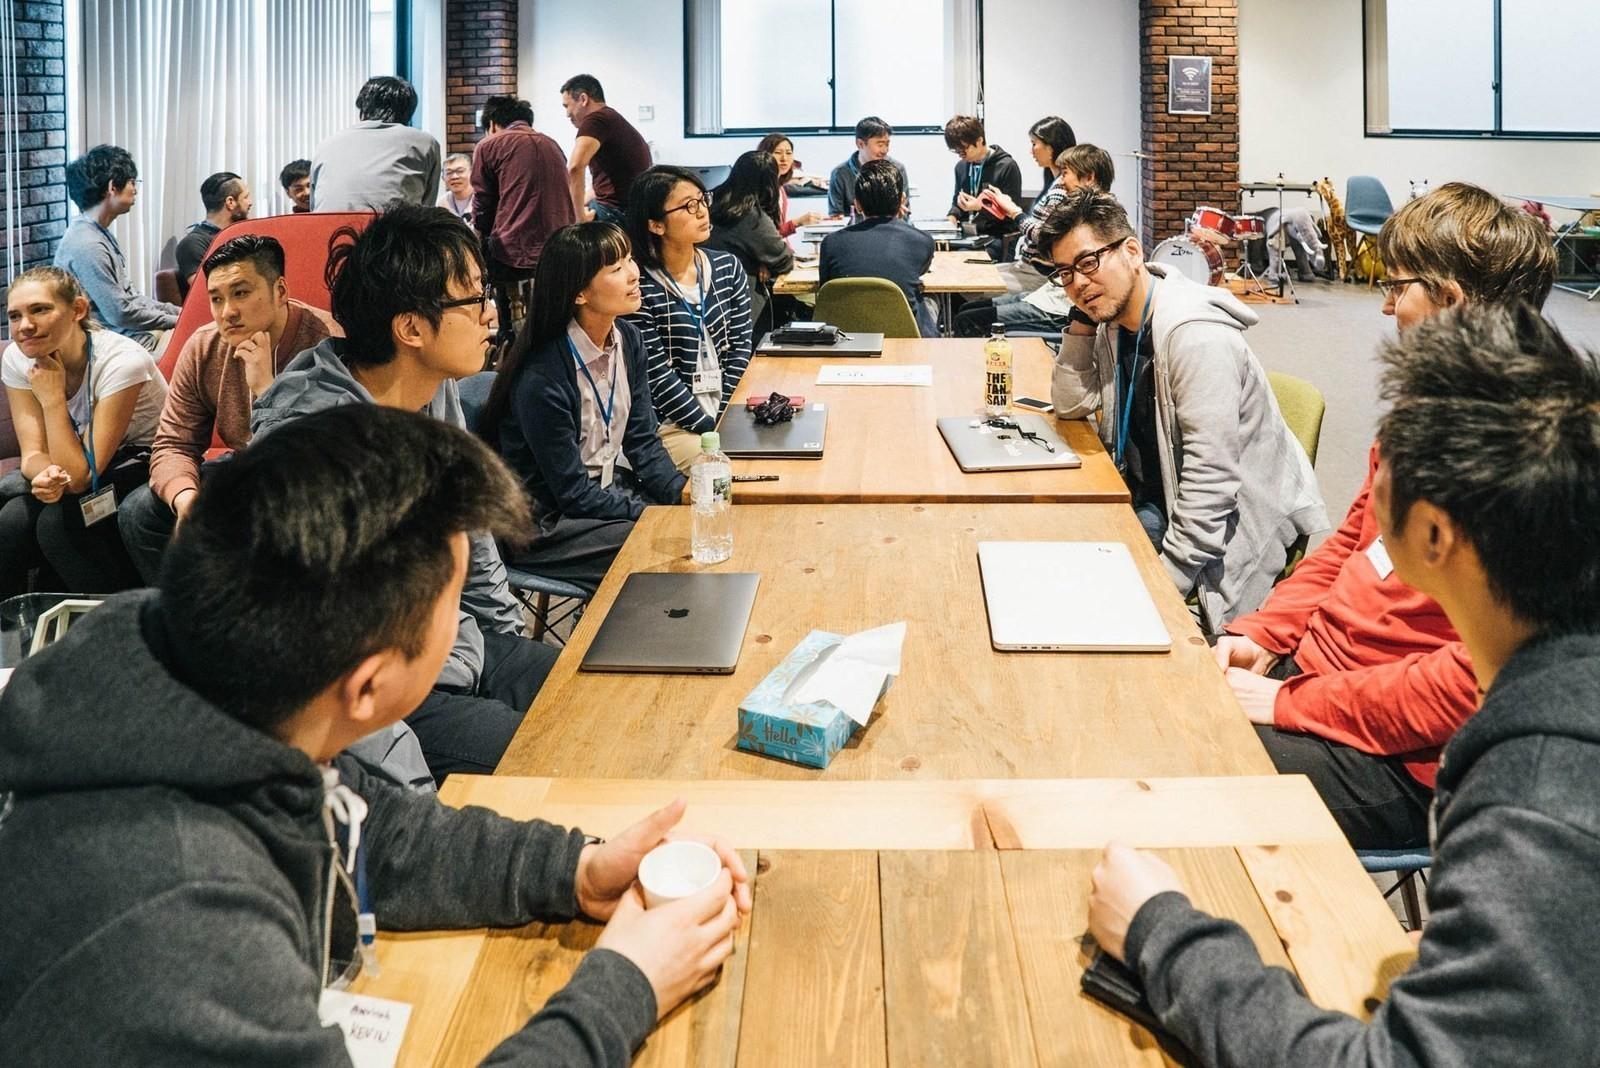 【東京】Backlog、Cacoo他、チーム開発支援ツールの併用を便利にする「ヌーラボアカウント」の決済システム開発担当